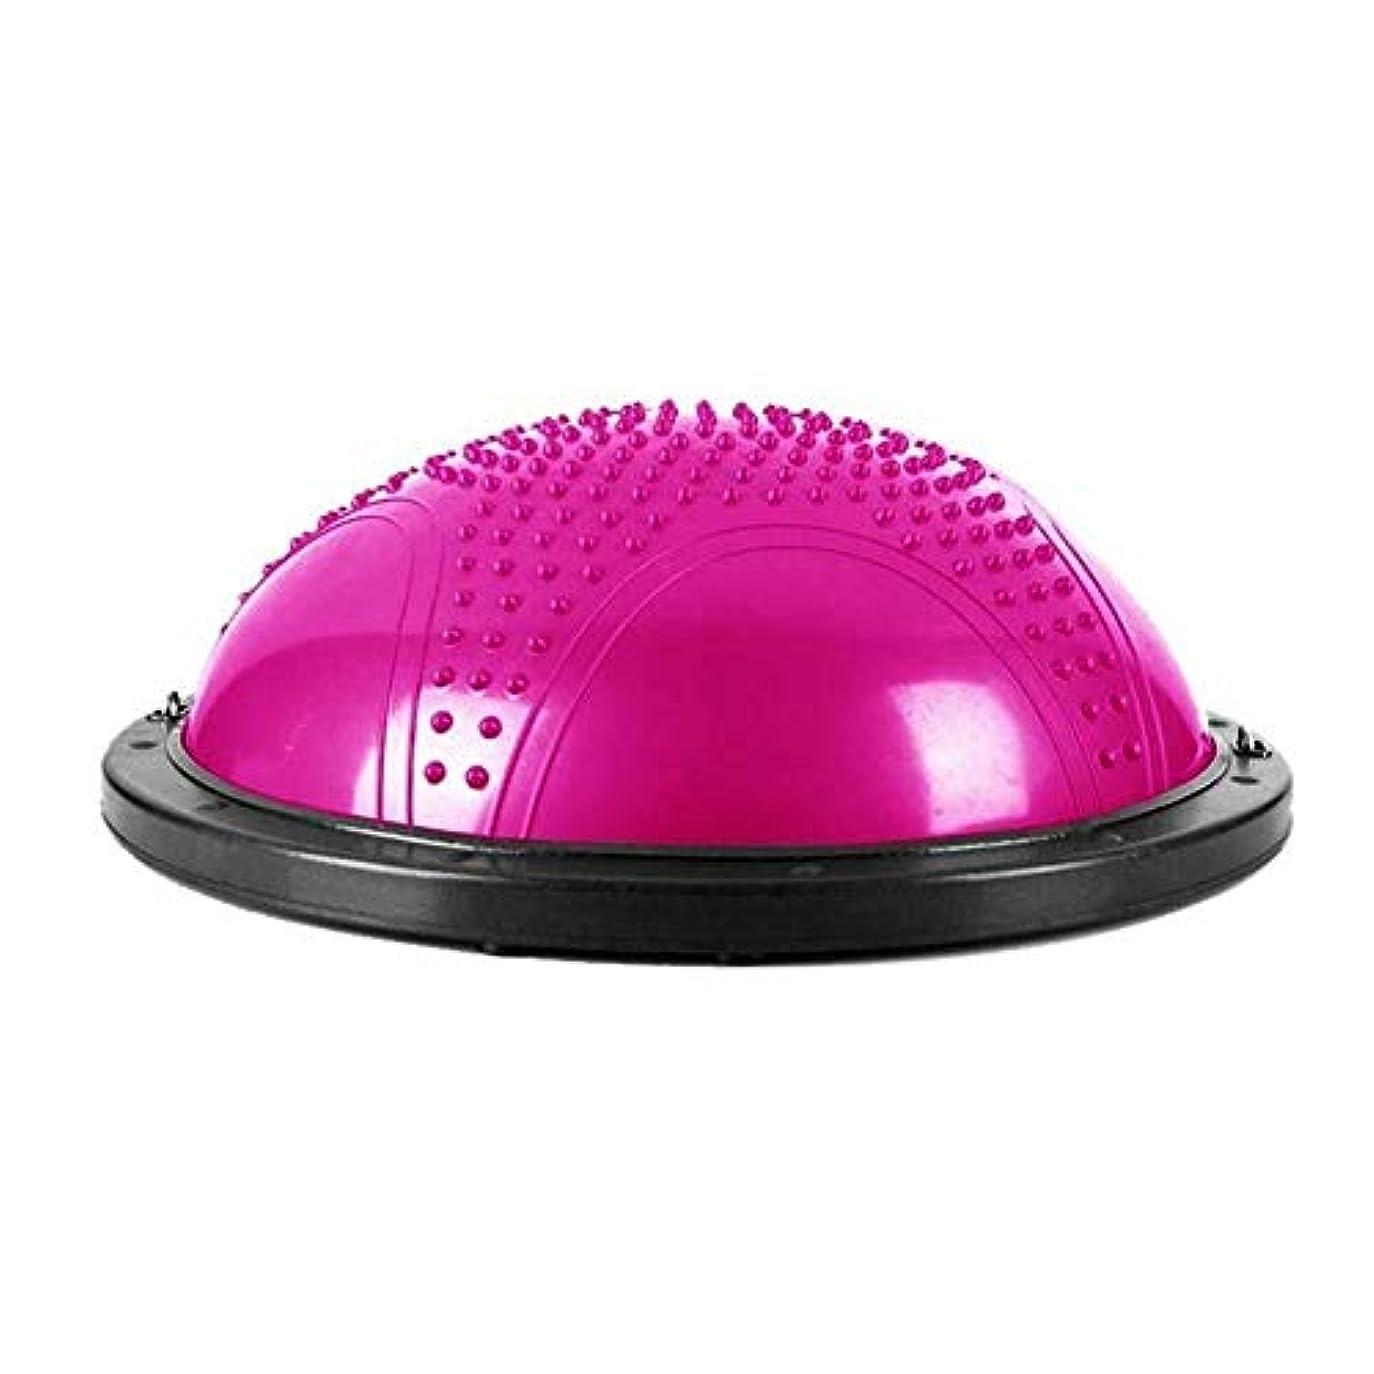 わがまま政治読書をするTXC- スピードボールフィットネスボールバランスボール半球半球肥厚防爆ヨガボールスポーツシェーピング半球 耐久性 (Color : Pink)